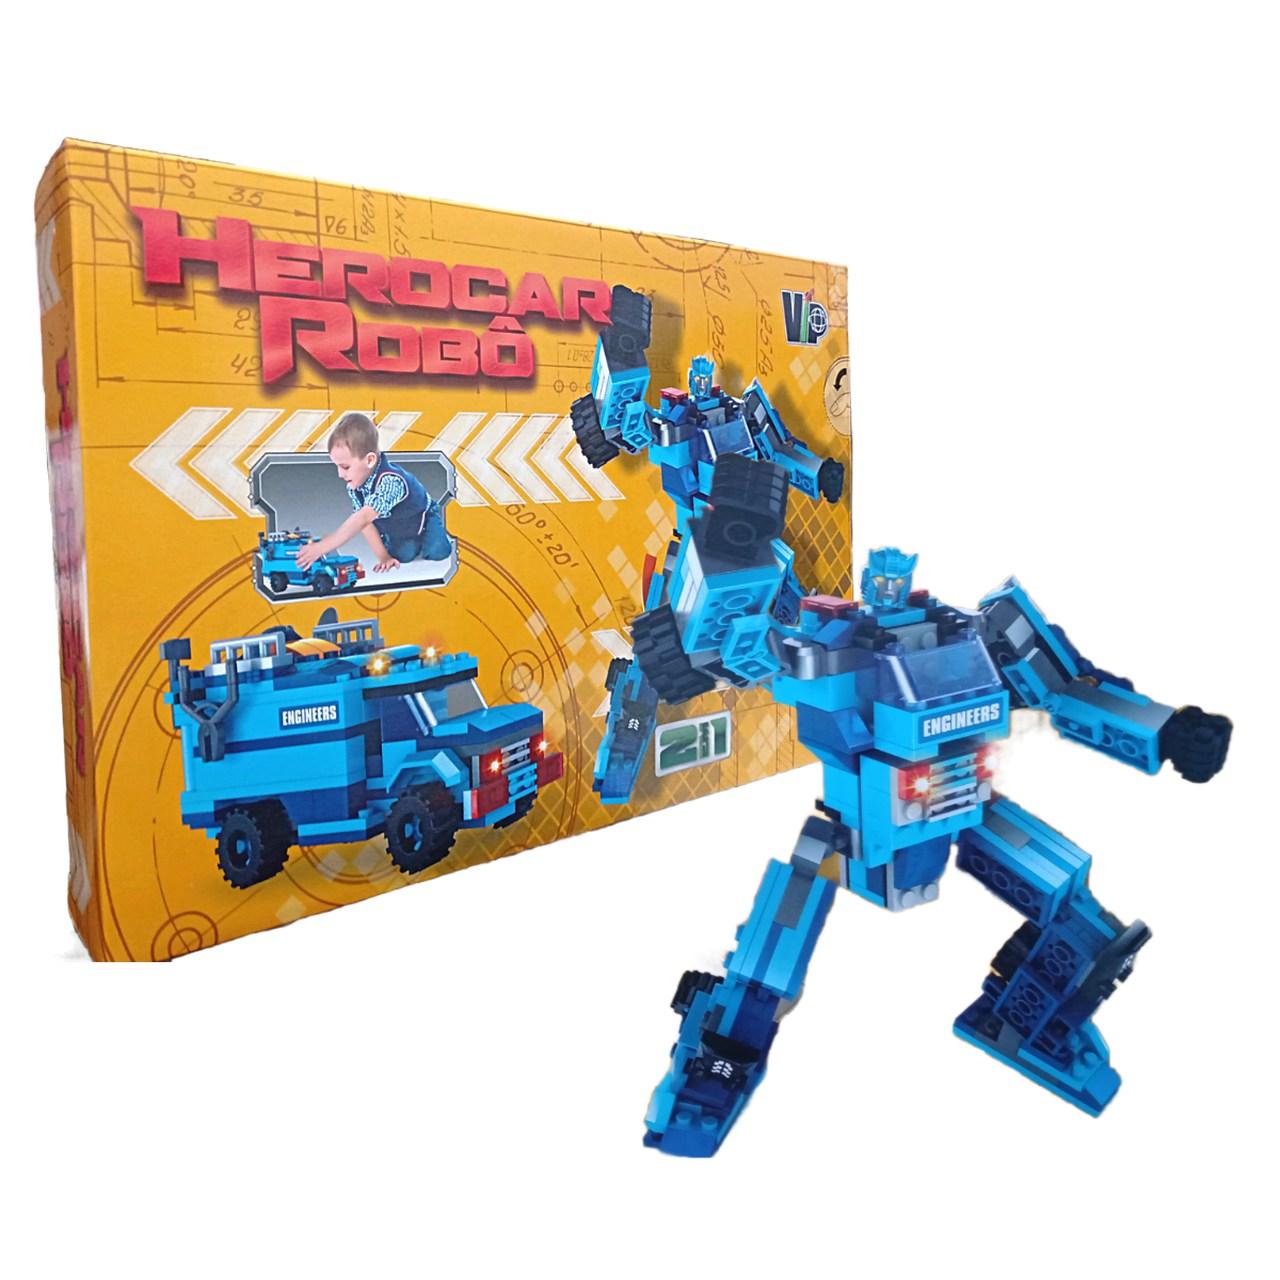 HeroCar Robô 201 peças Robô e Carrinho Azul de Montar